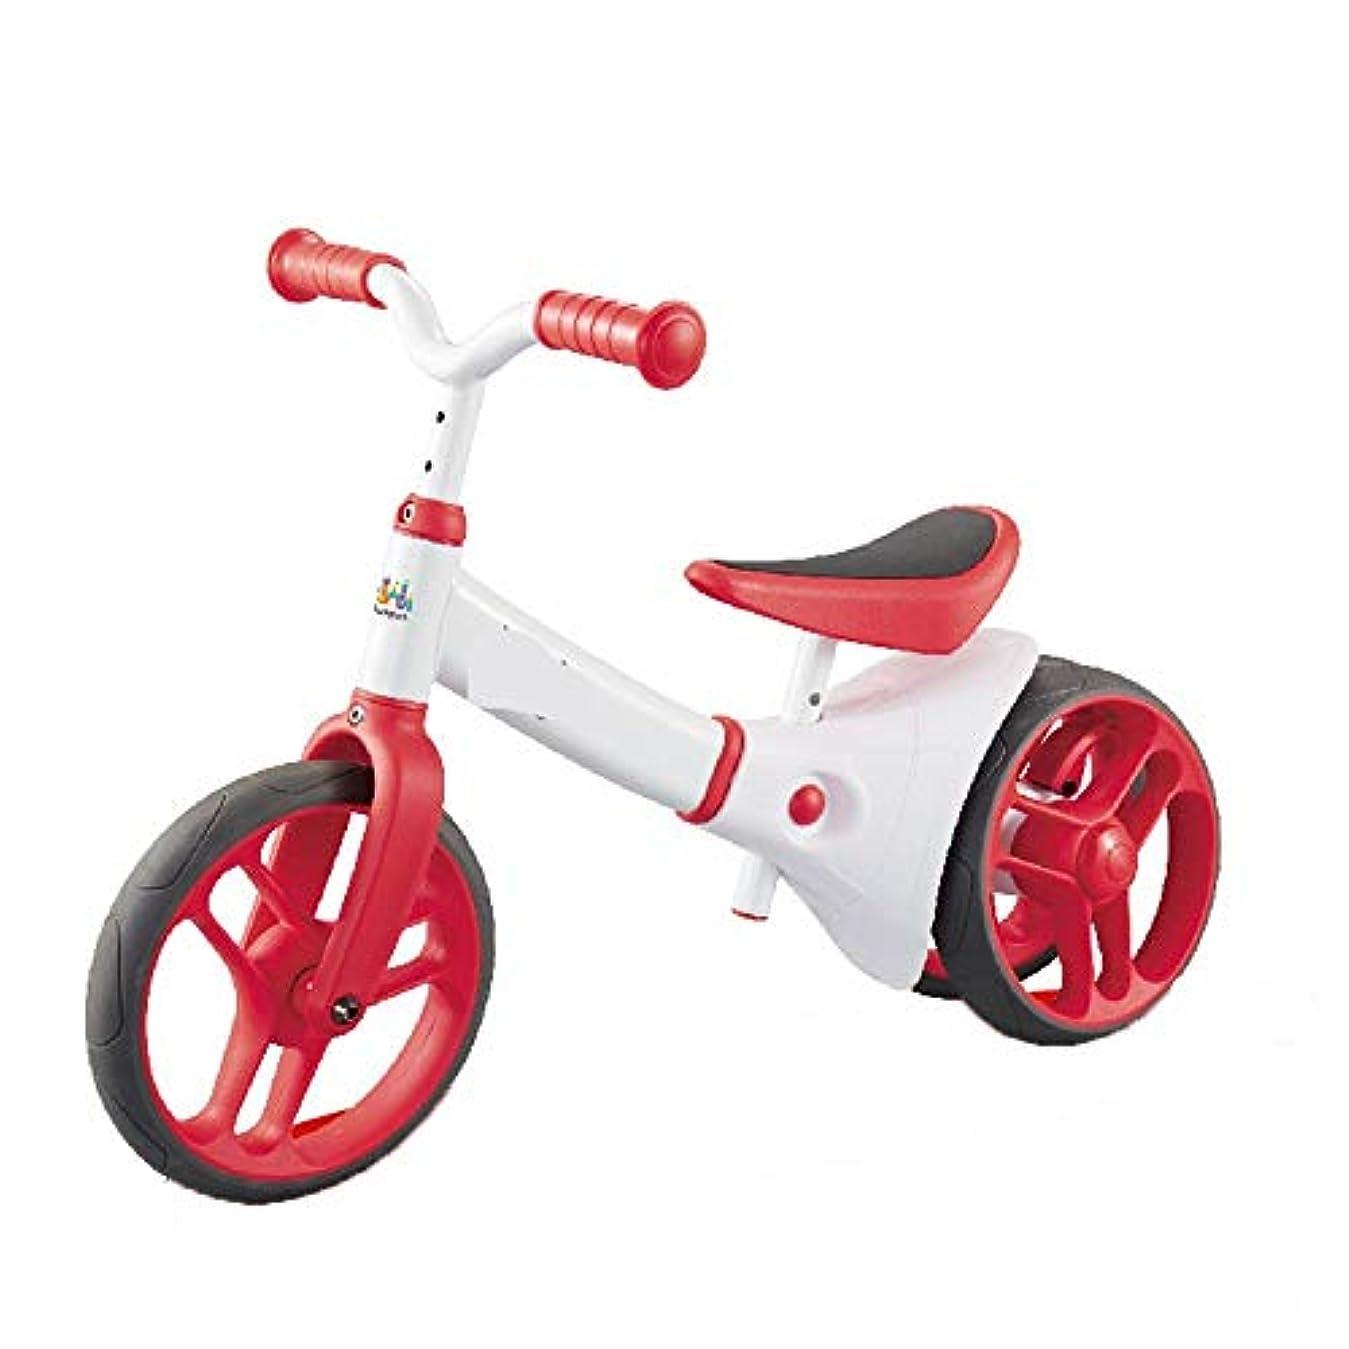 羊のパーフェルビッド自己尊重子供用 バランス三輪車 赤ちゃんの高炭素鋼収支自転車のペダルトウホイールバランスカーアジャスタブルハンドルバーやシート子供のおもちゃなし 乗用玩具 (Color : White, Size : 12 inch)